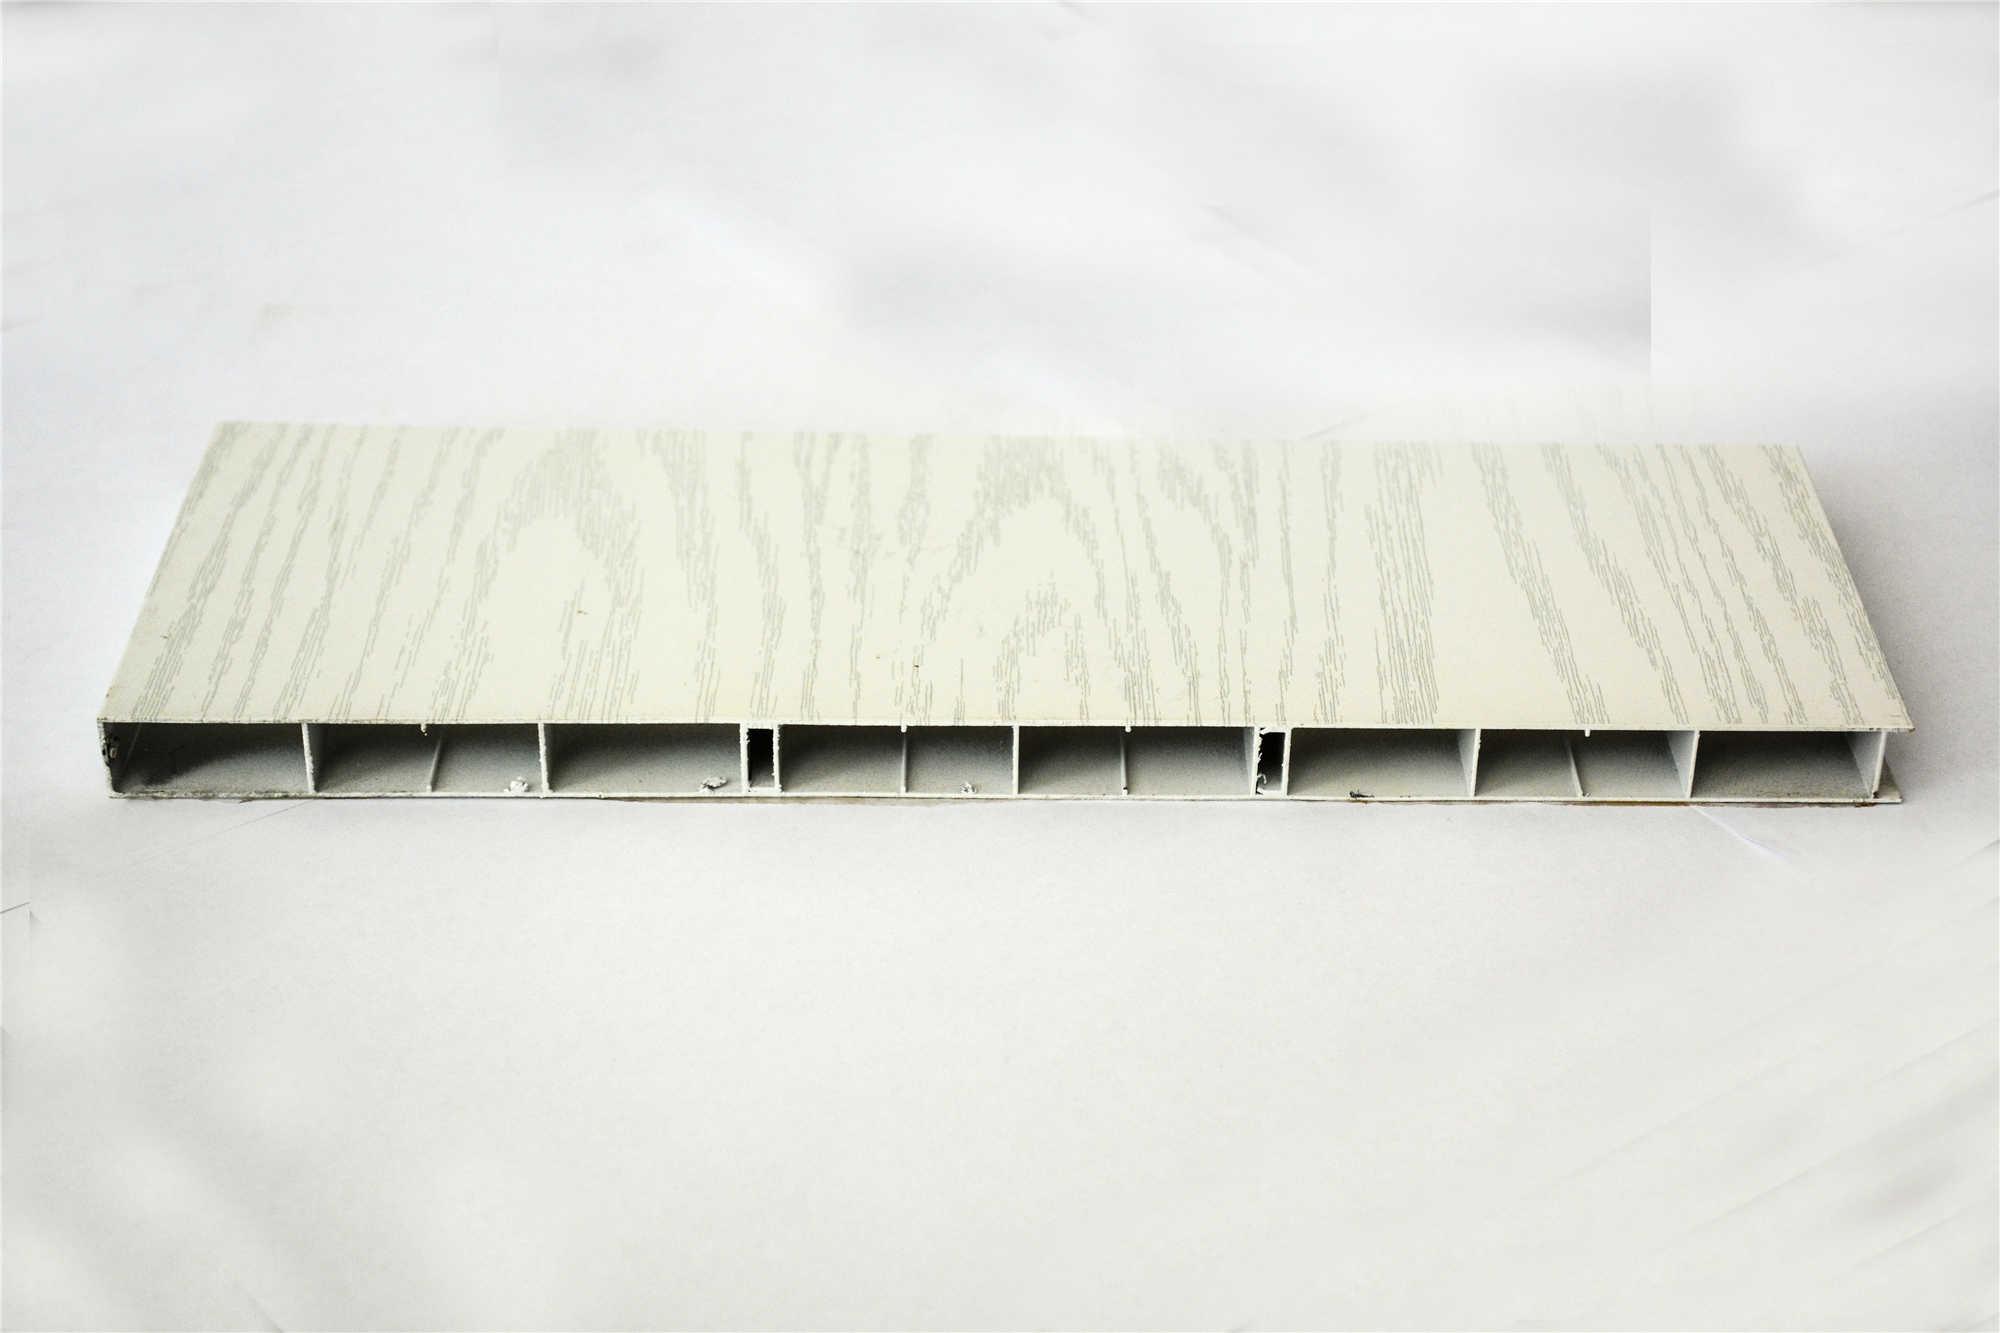 焊接整板-鋁蜂窩復合板生產廠家-鋁蜂窩復合板訂做